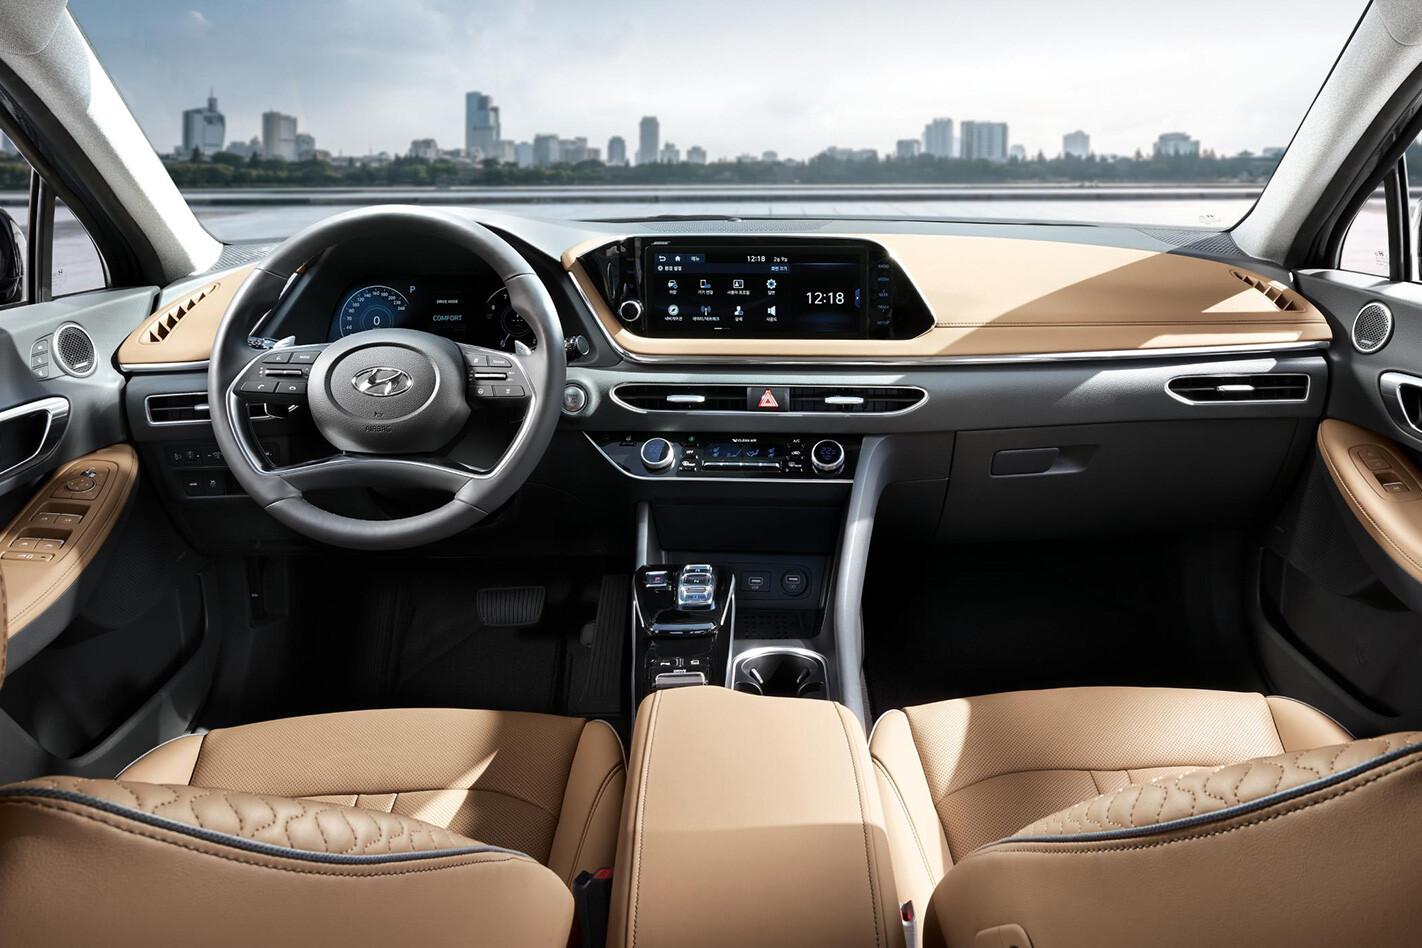 Hyundai Sonata Interior Jpg